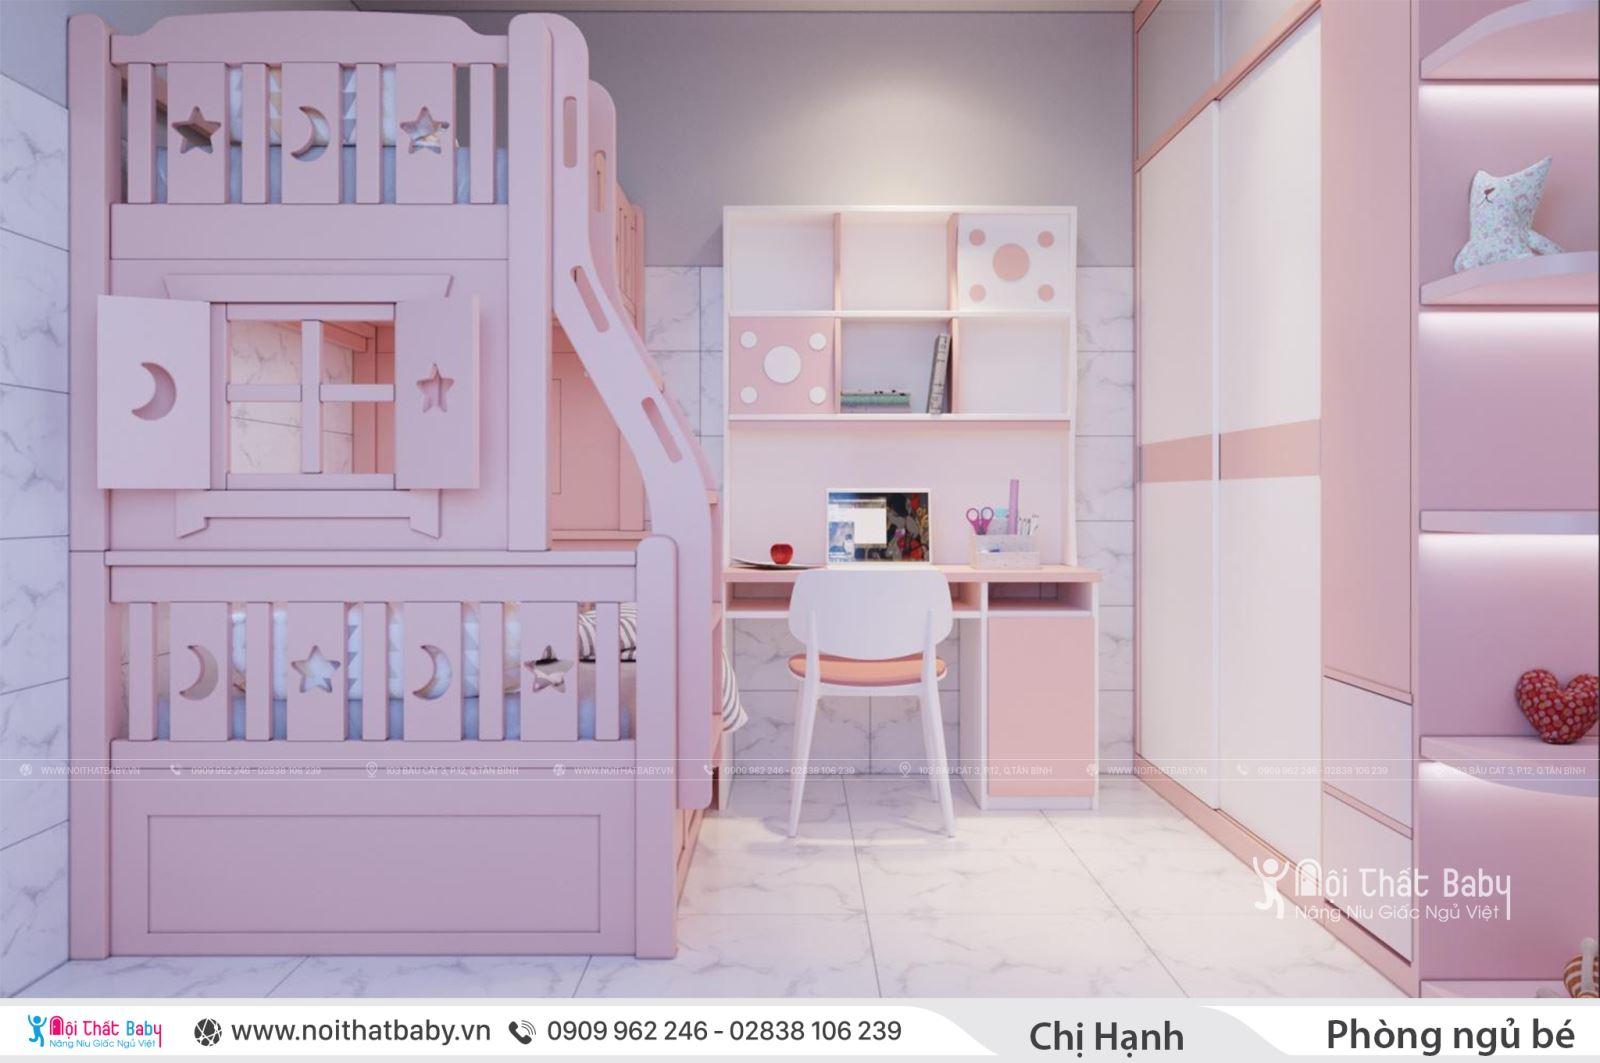 Thiết kế phòng ngủ bé gái hiện đại